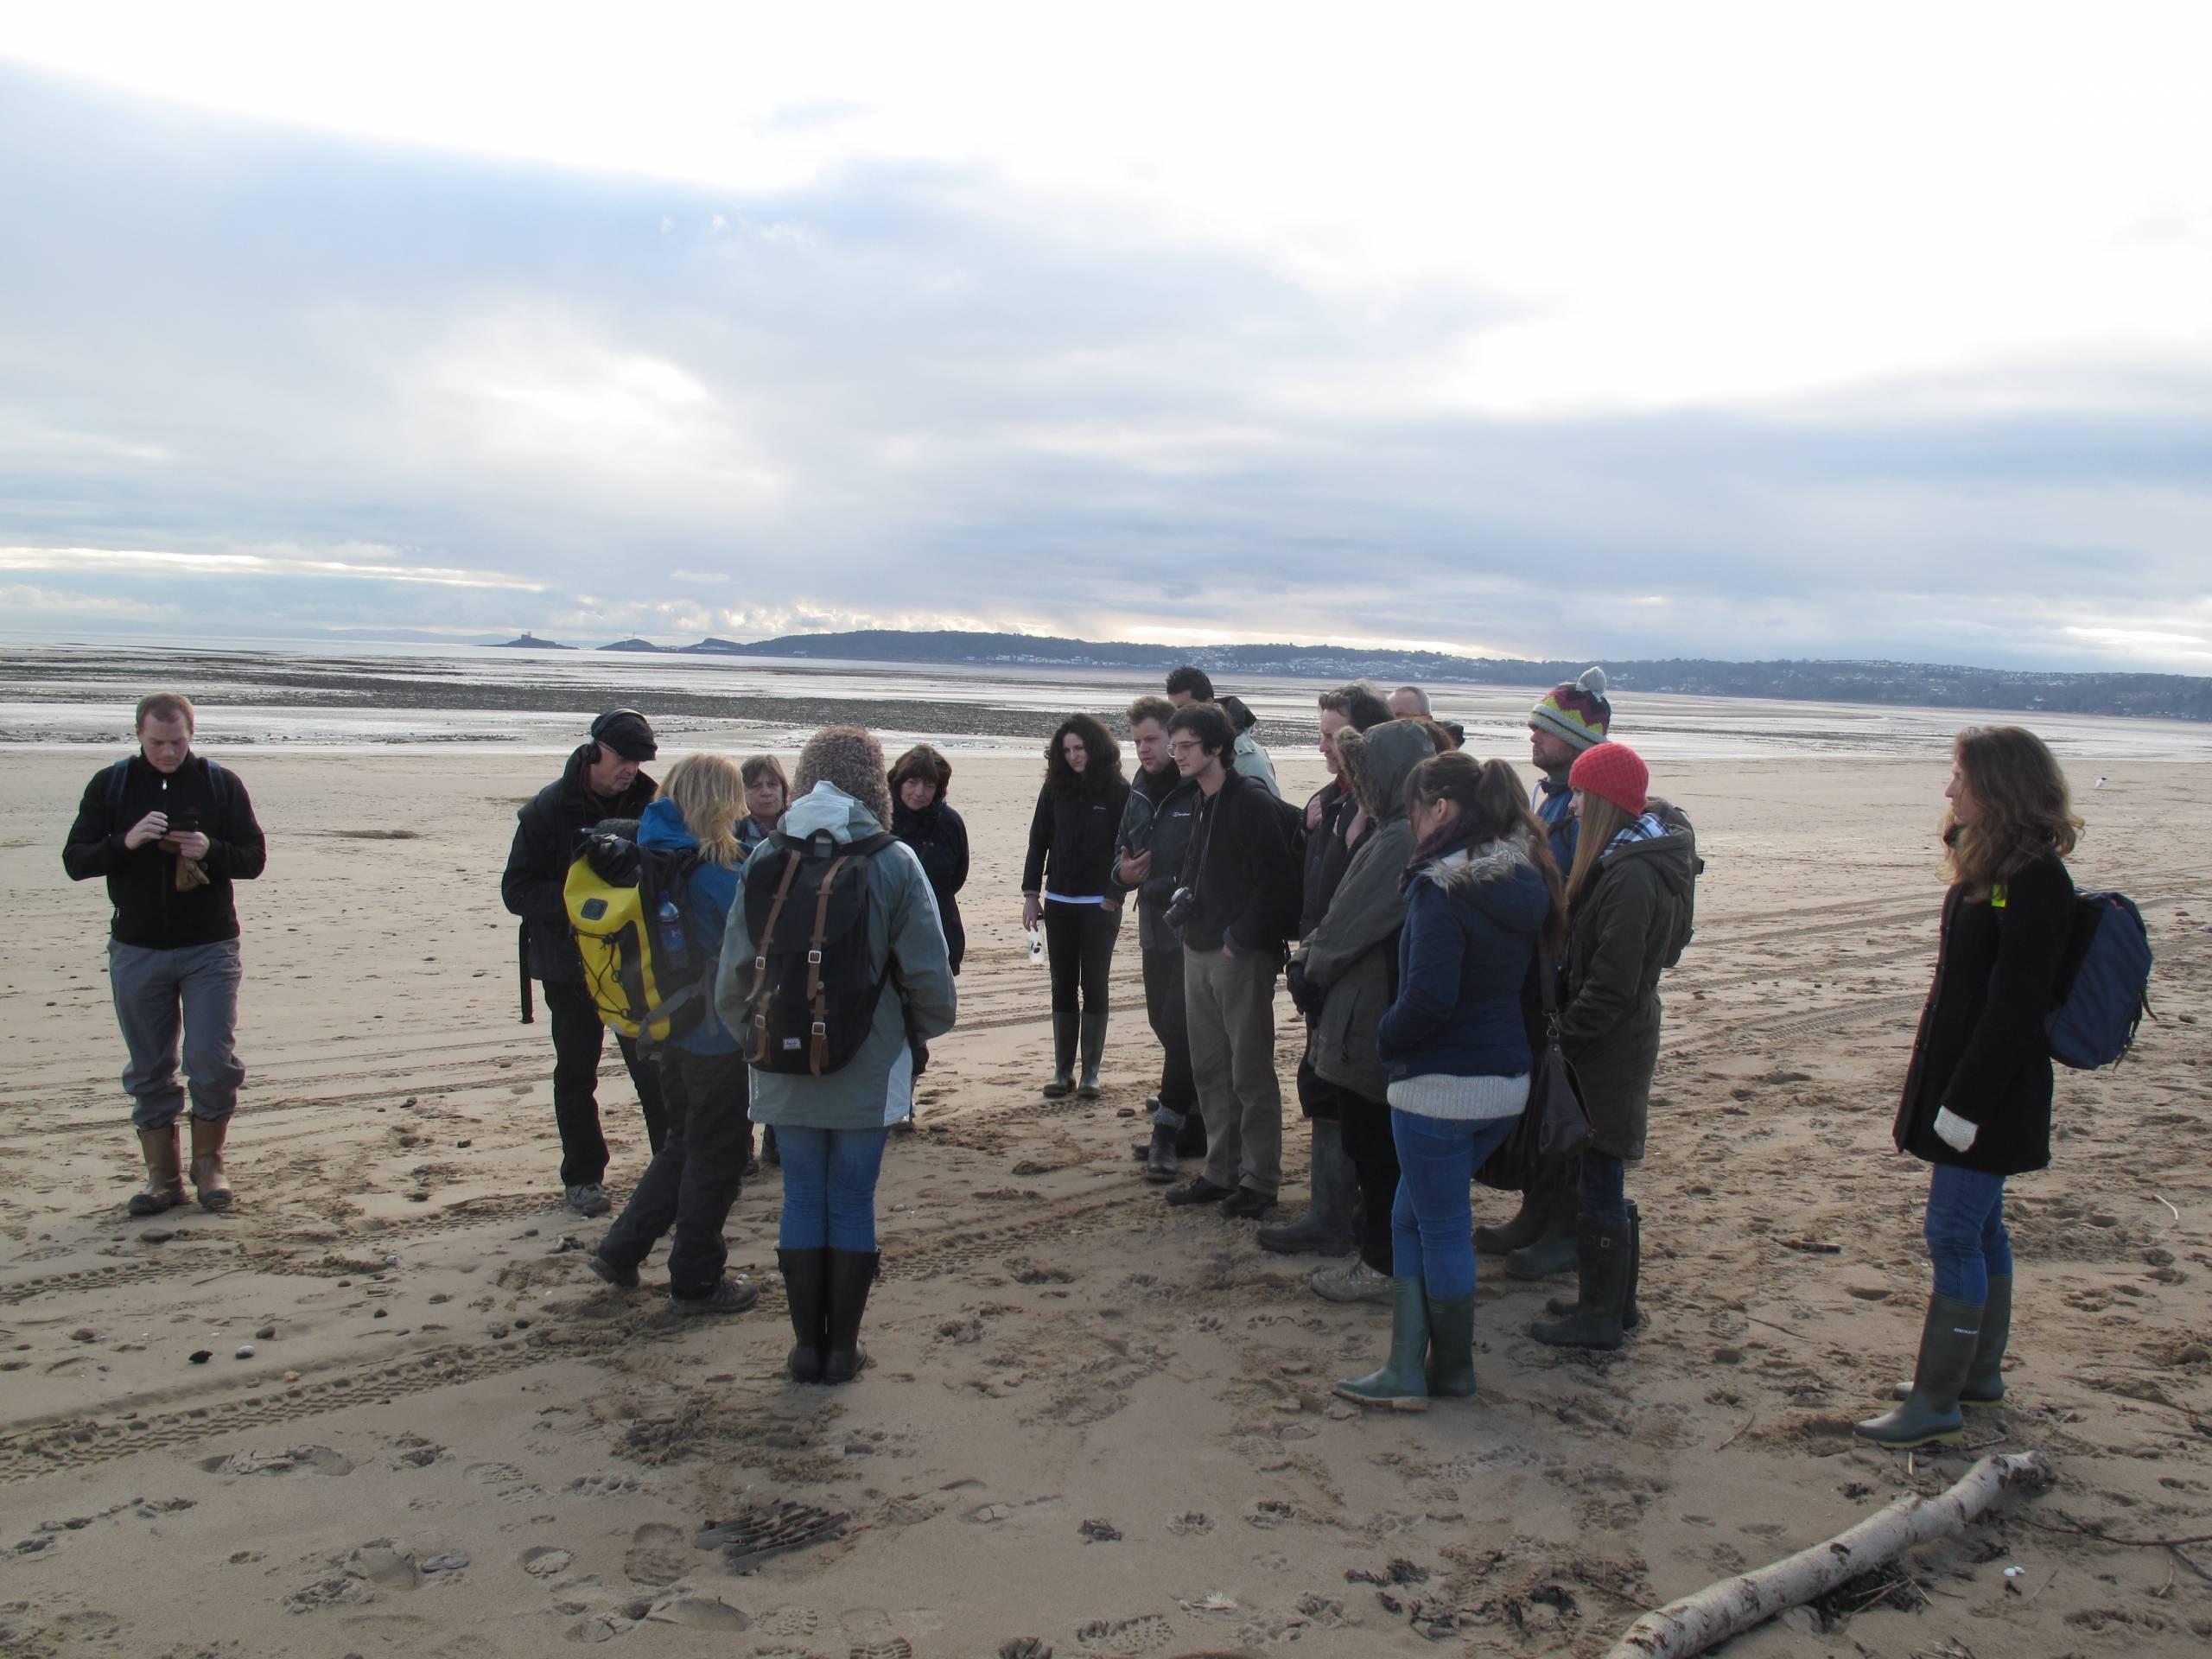 group walks on beach